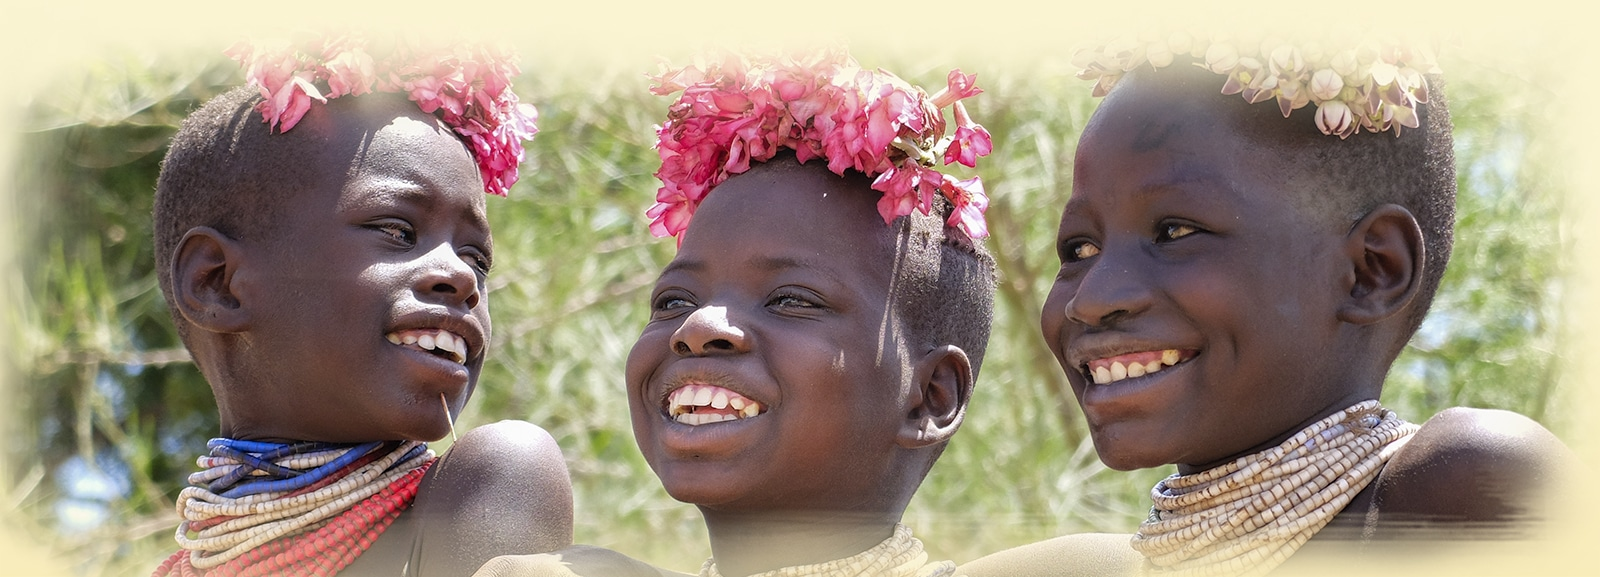 img-piedpage - img-piedpage-ethiopie.jpg